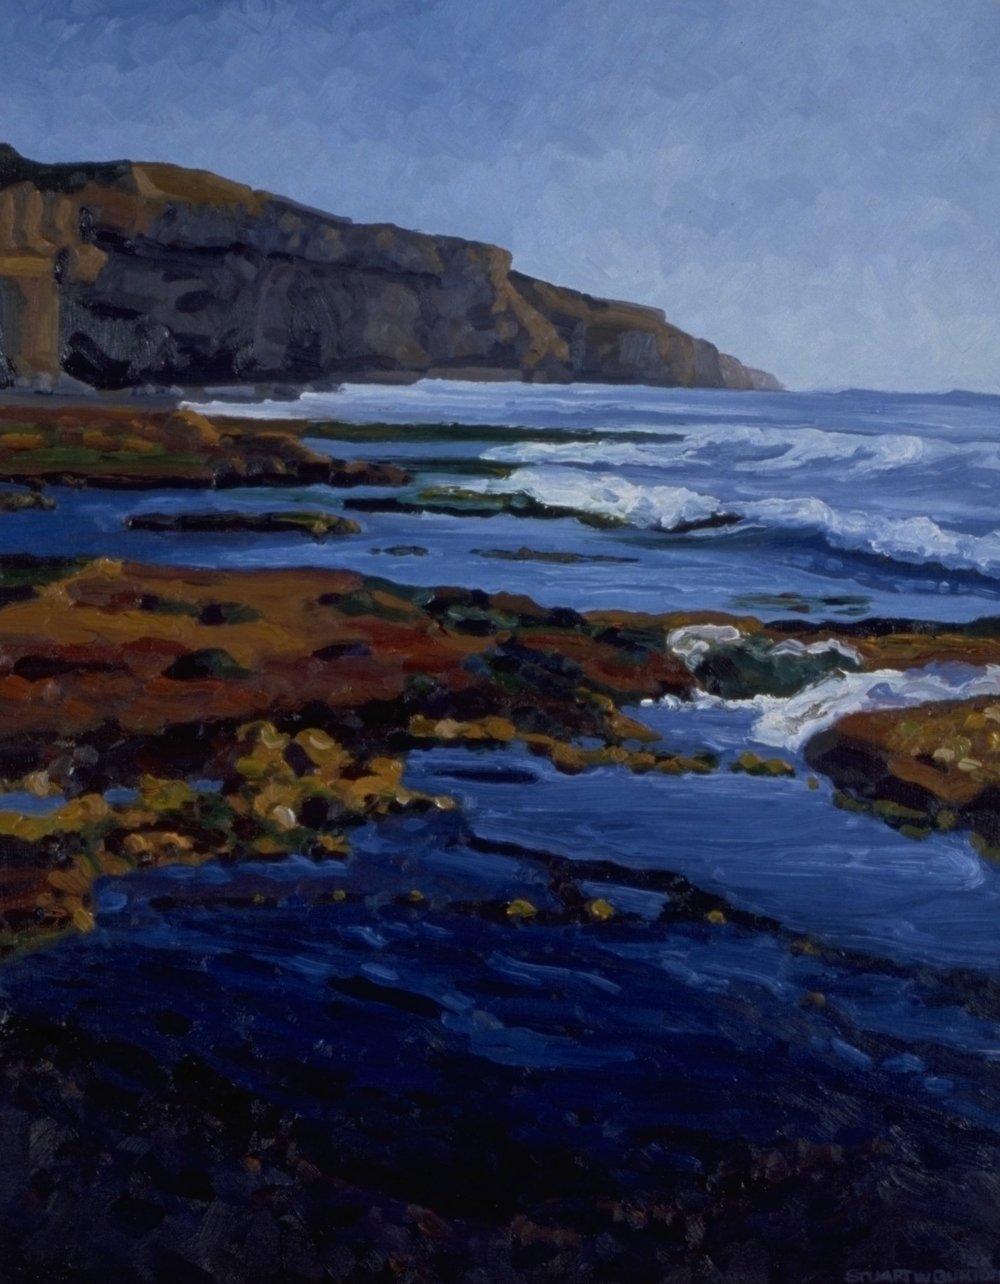 Deep Blue, Sunset Cliffs  36x28  Oil on Canvas  2002